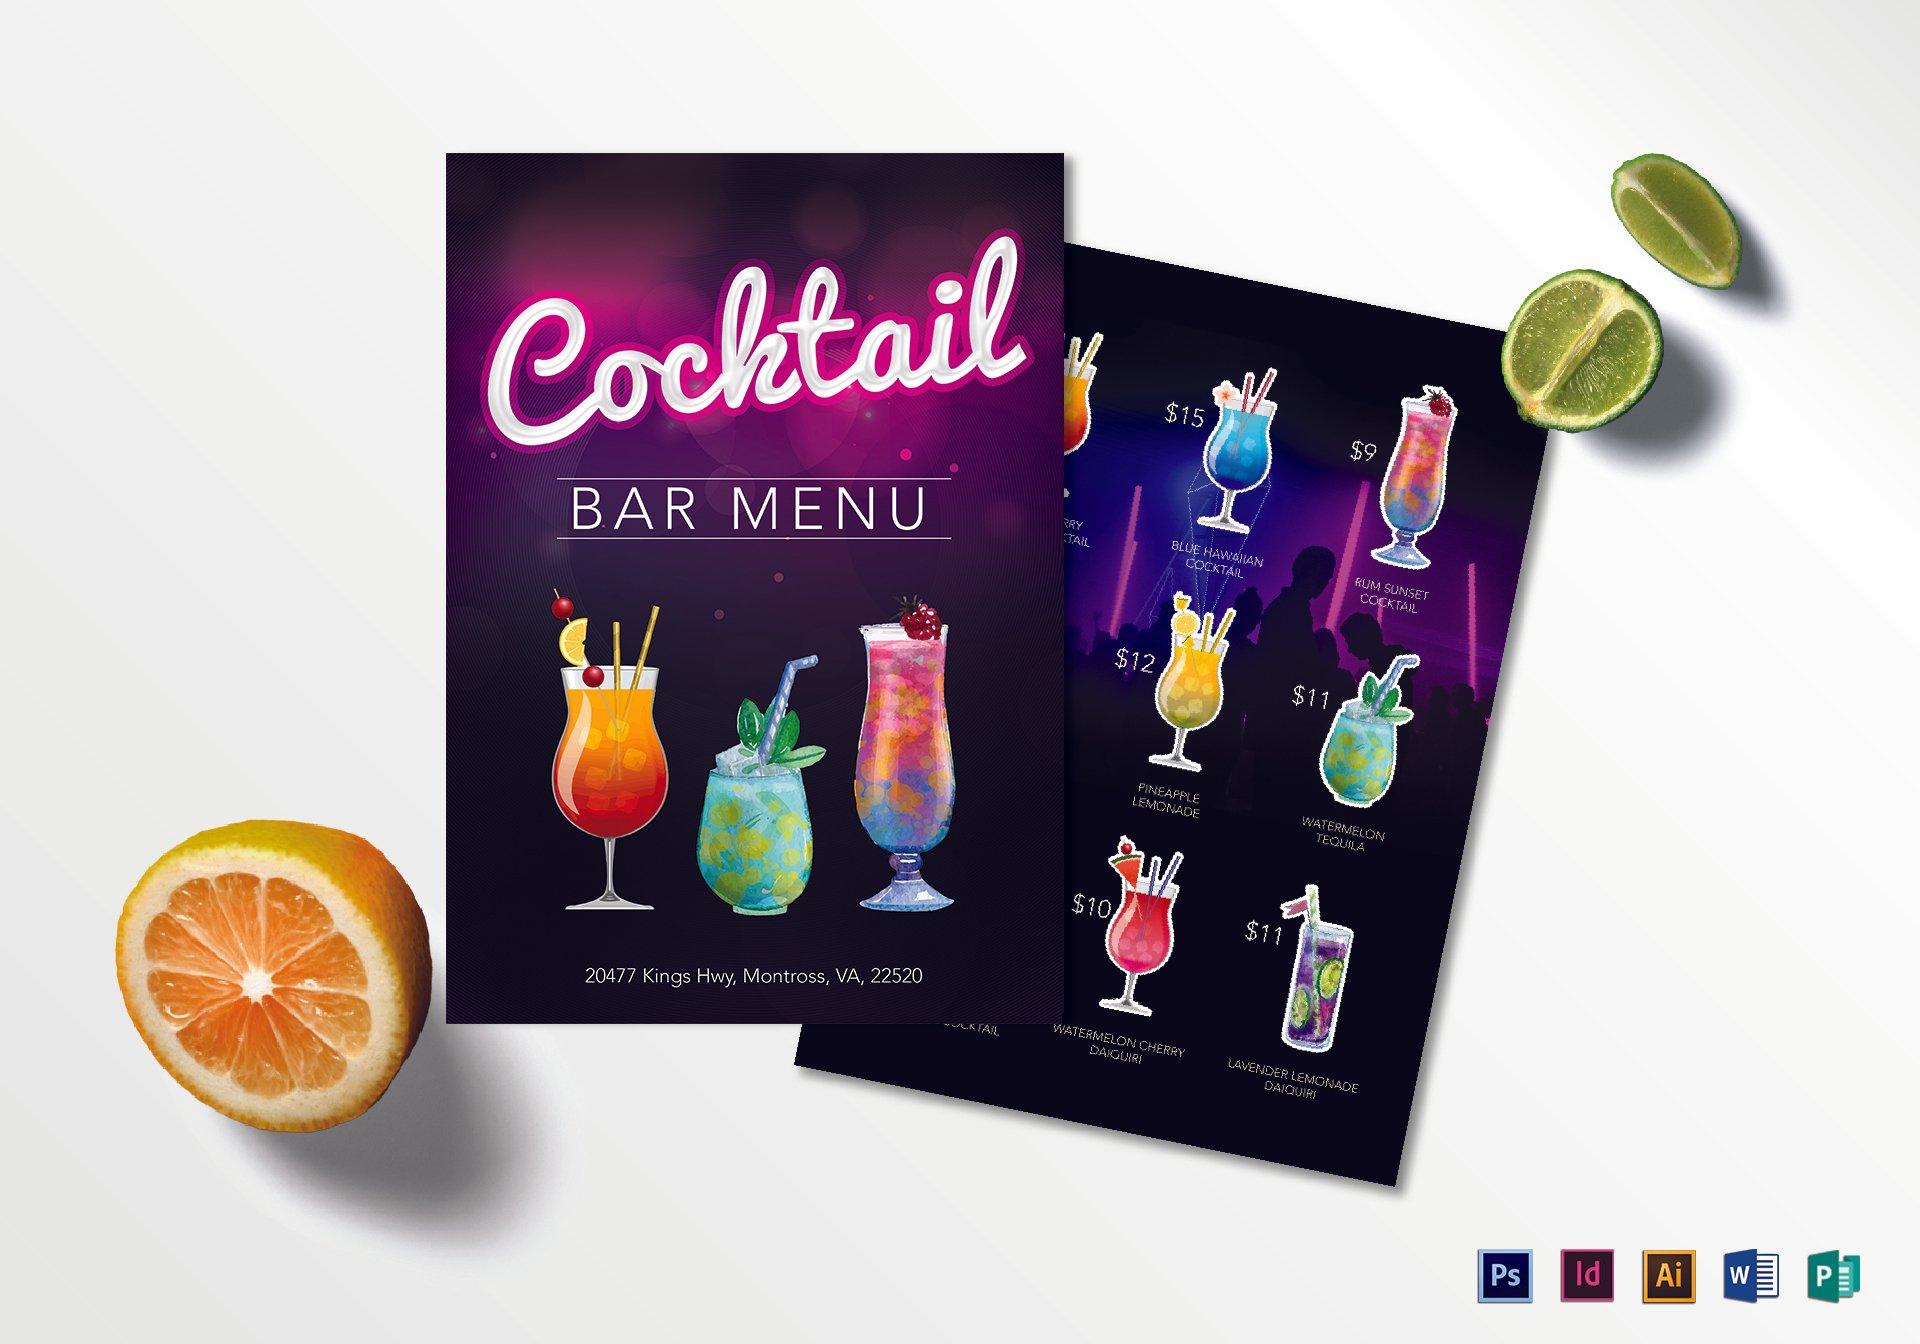 colorful cocktail bar menu format